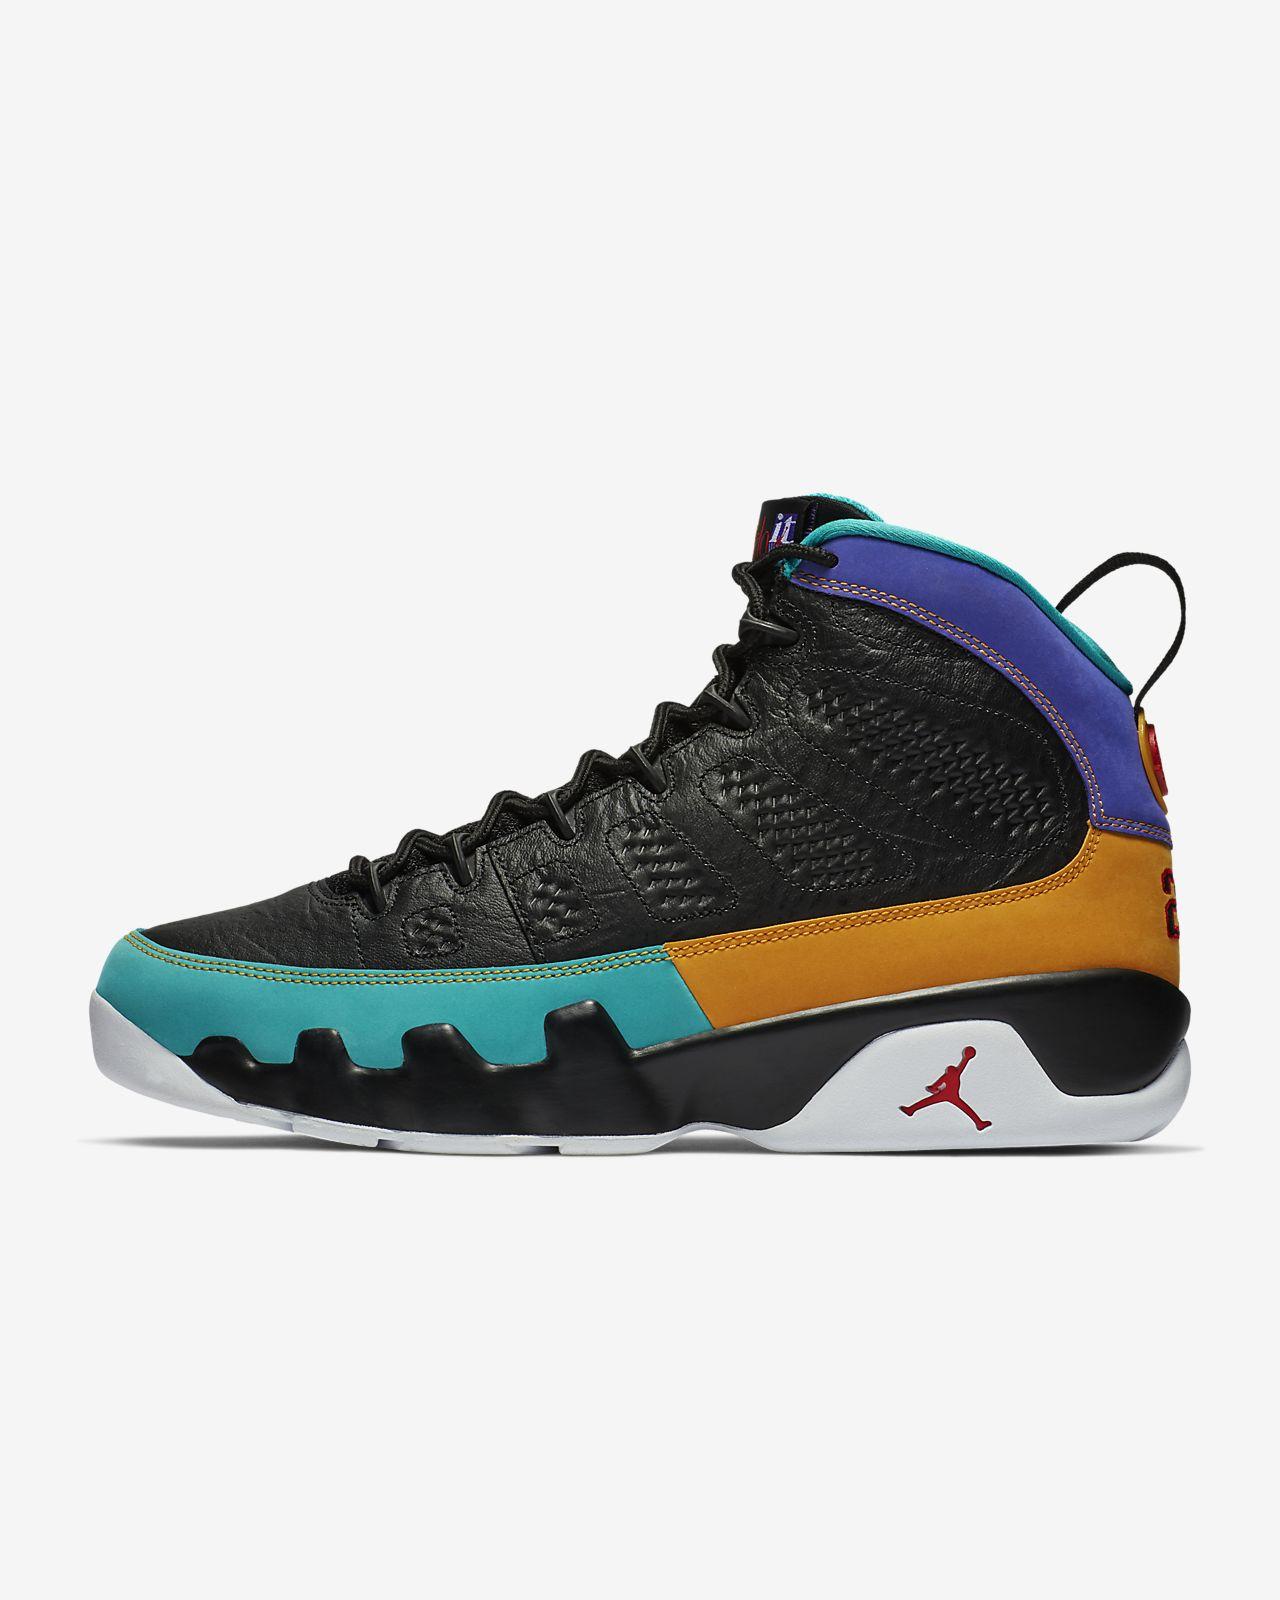 pick up d4154 49701 ... Sko Air Jordan 9 Retro för män